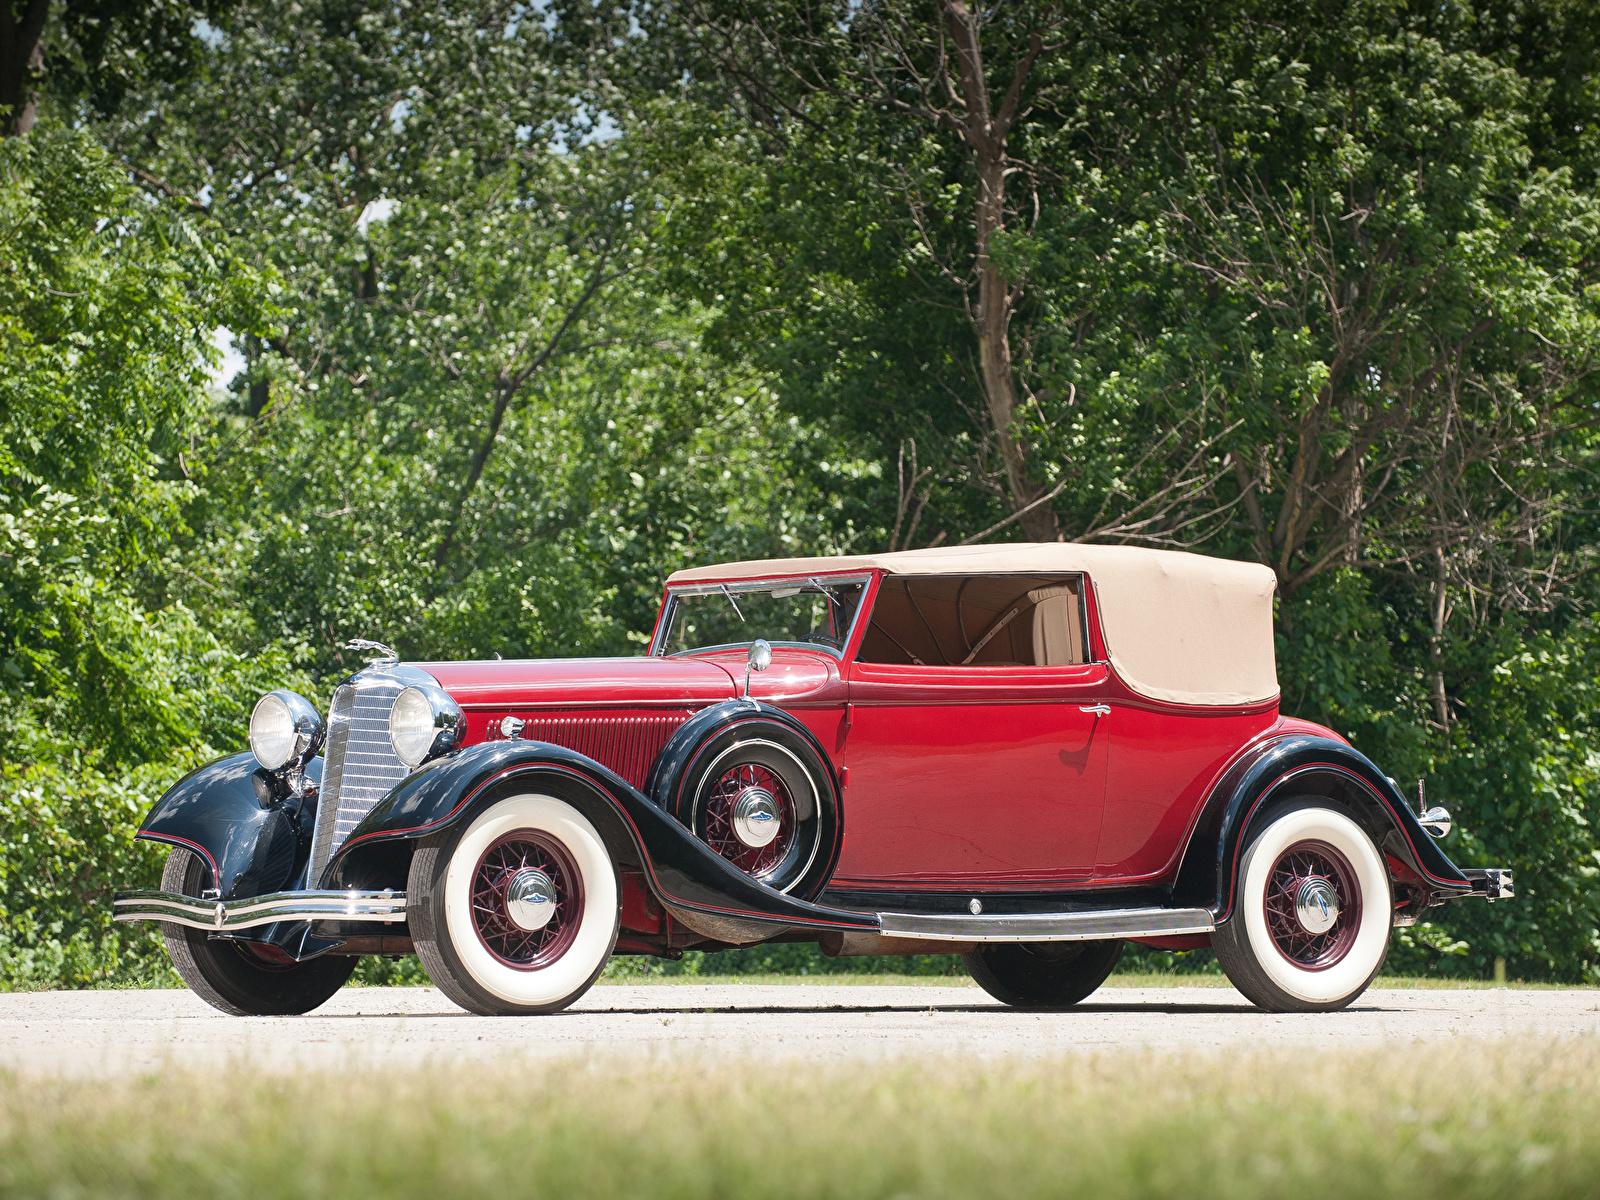 Картинка Lincoln KA Roadster by Dietrich 1933 Родстер авто 1600x1200 машина машины автомобиль Автомобили